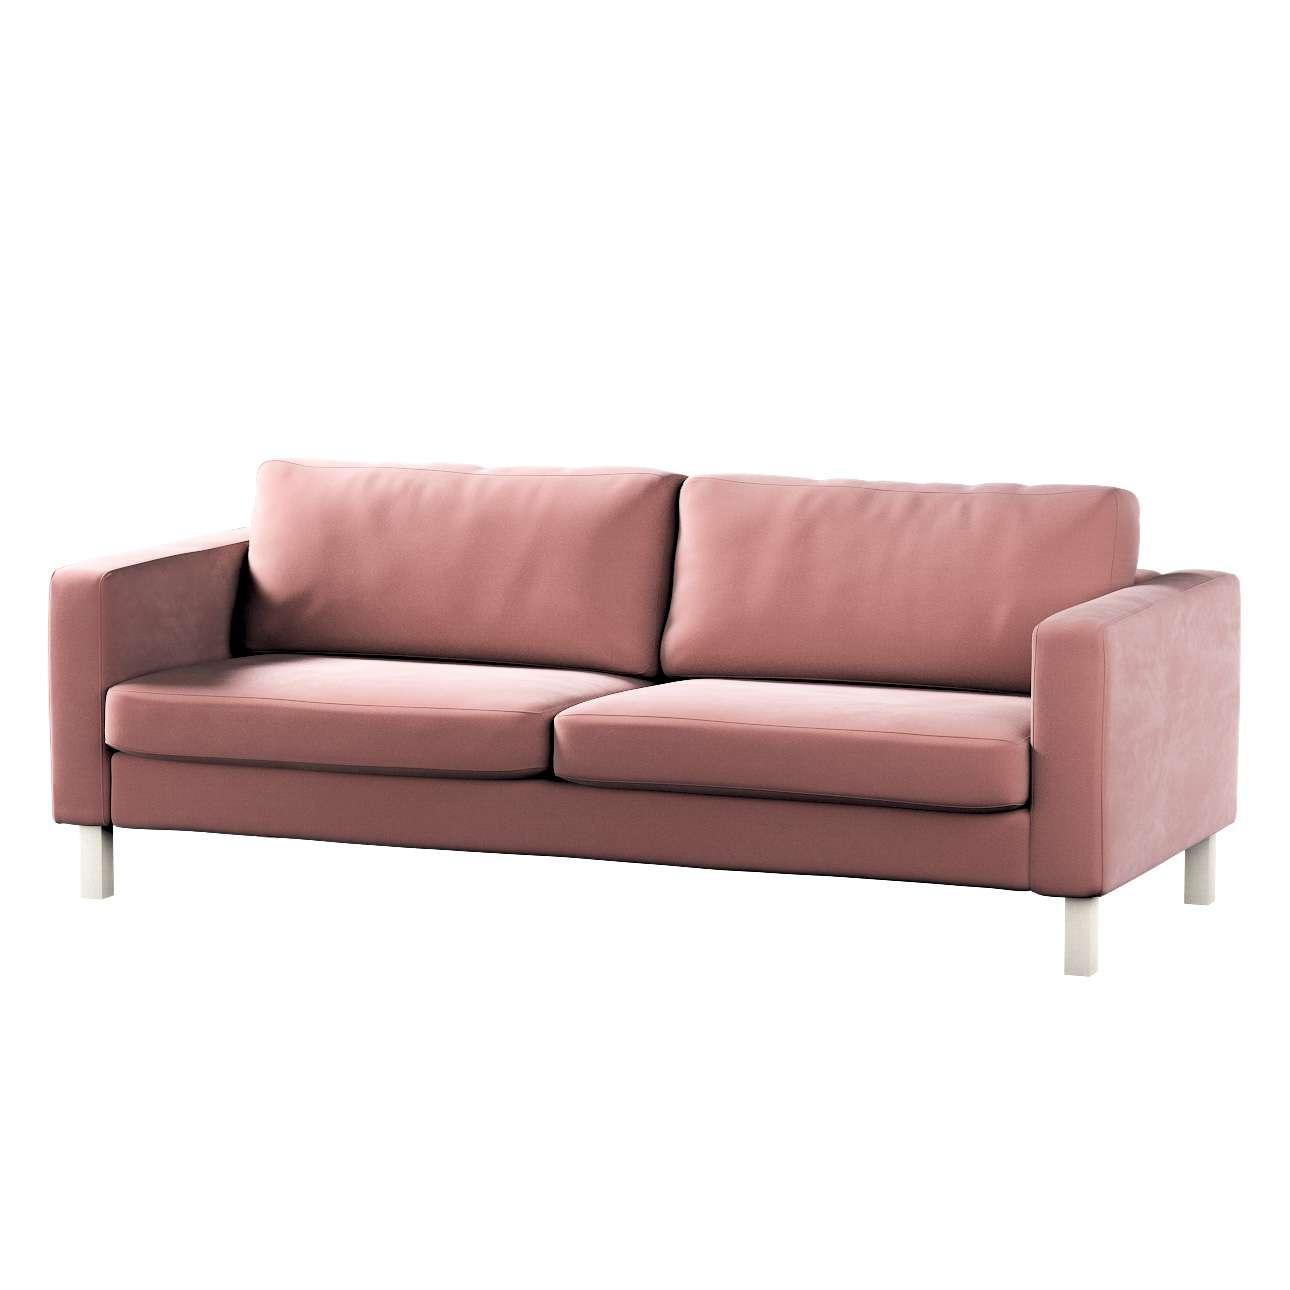 Pokrowiec na sofę Karlstad rozkładaną w kolekcji Velvet, tkanina: 704-30